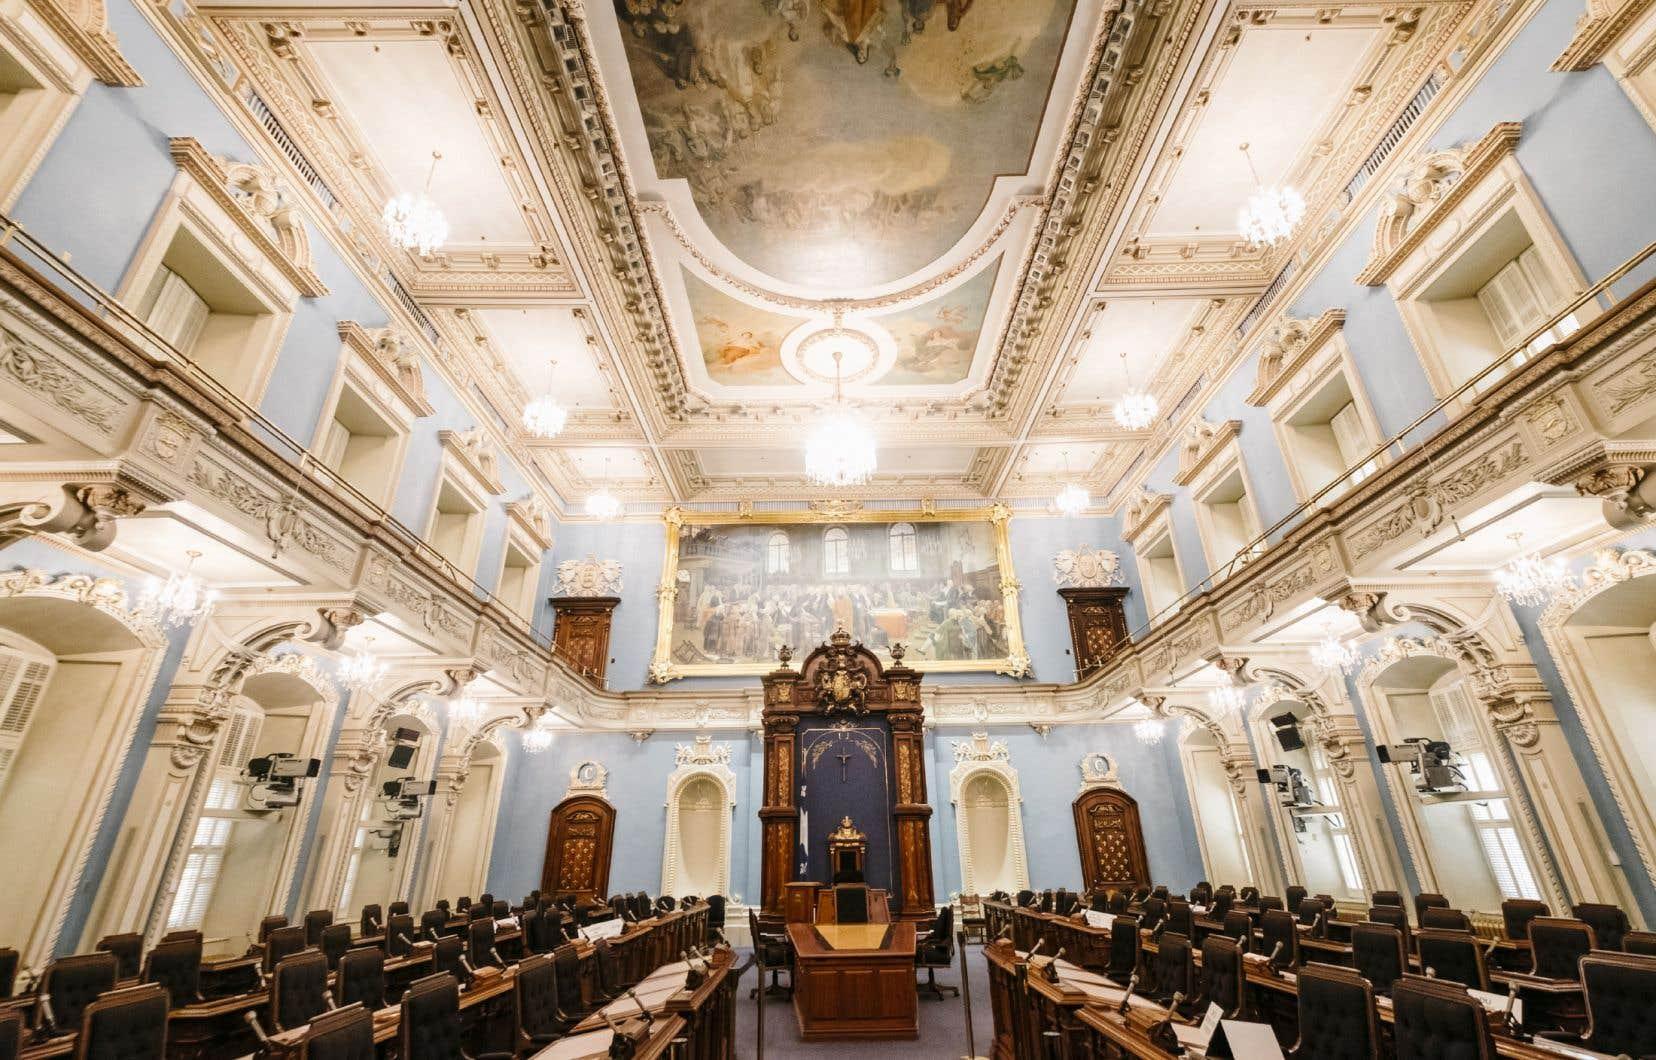 Pour assurer le respect des règles de distanciation physique, à peine 37 élus seront présents dans le Salon bleu durant chacune des deux parties de 45 minutes de la période des questions.